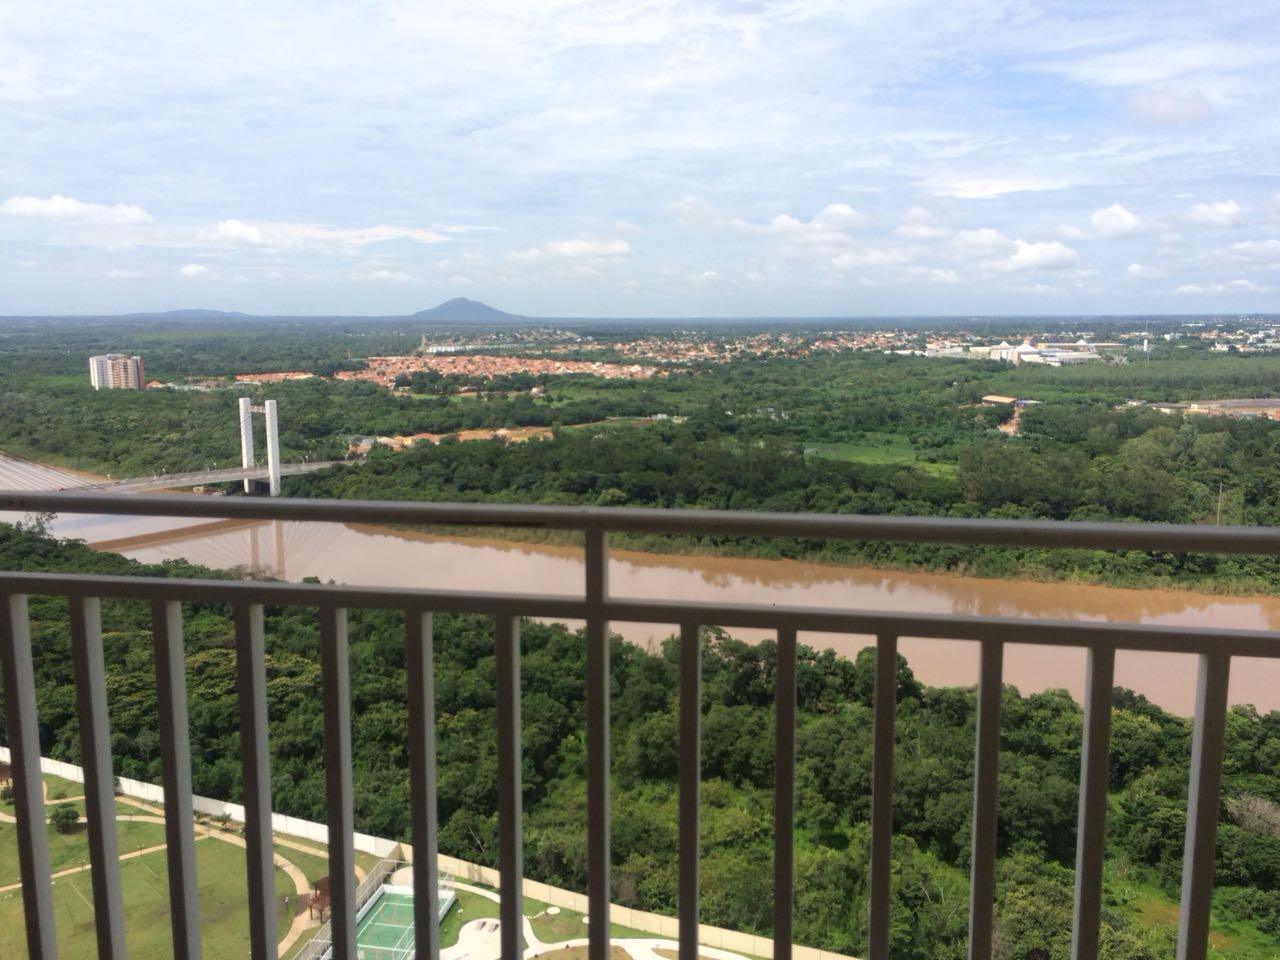 Apartamento para aluguel,  com 3 quartos sendo 1 suite no GRANDE TERCEIRO em Cuiabá MT 101 11459